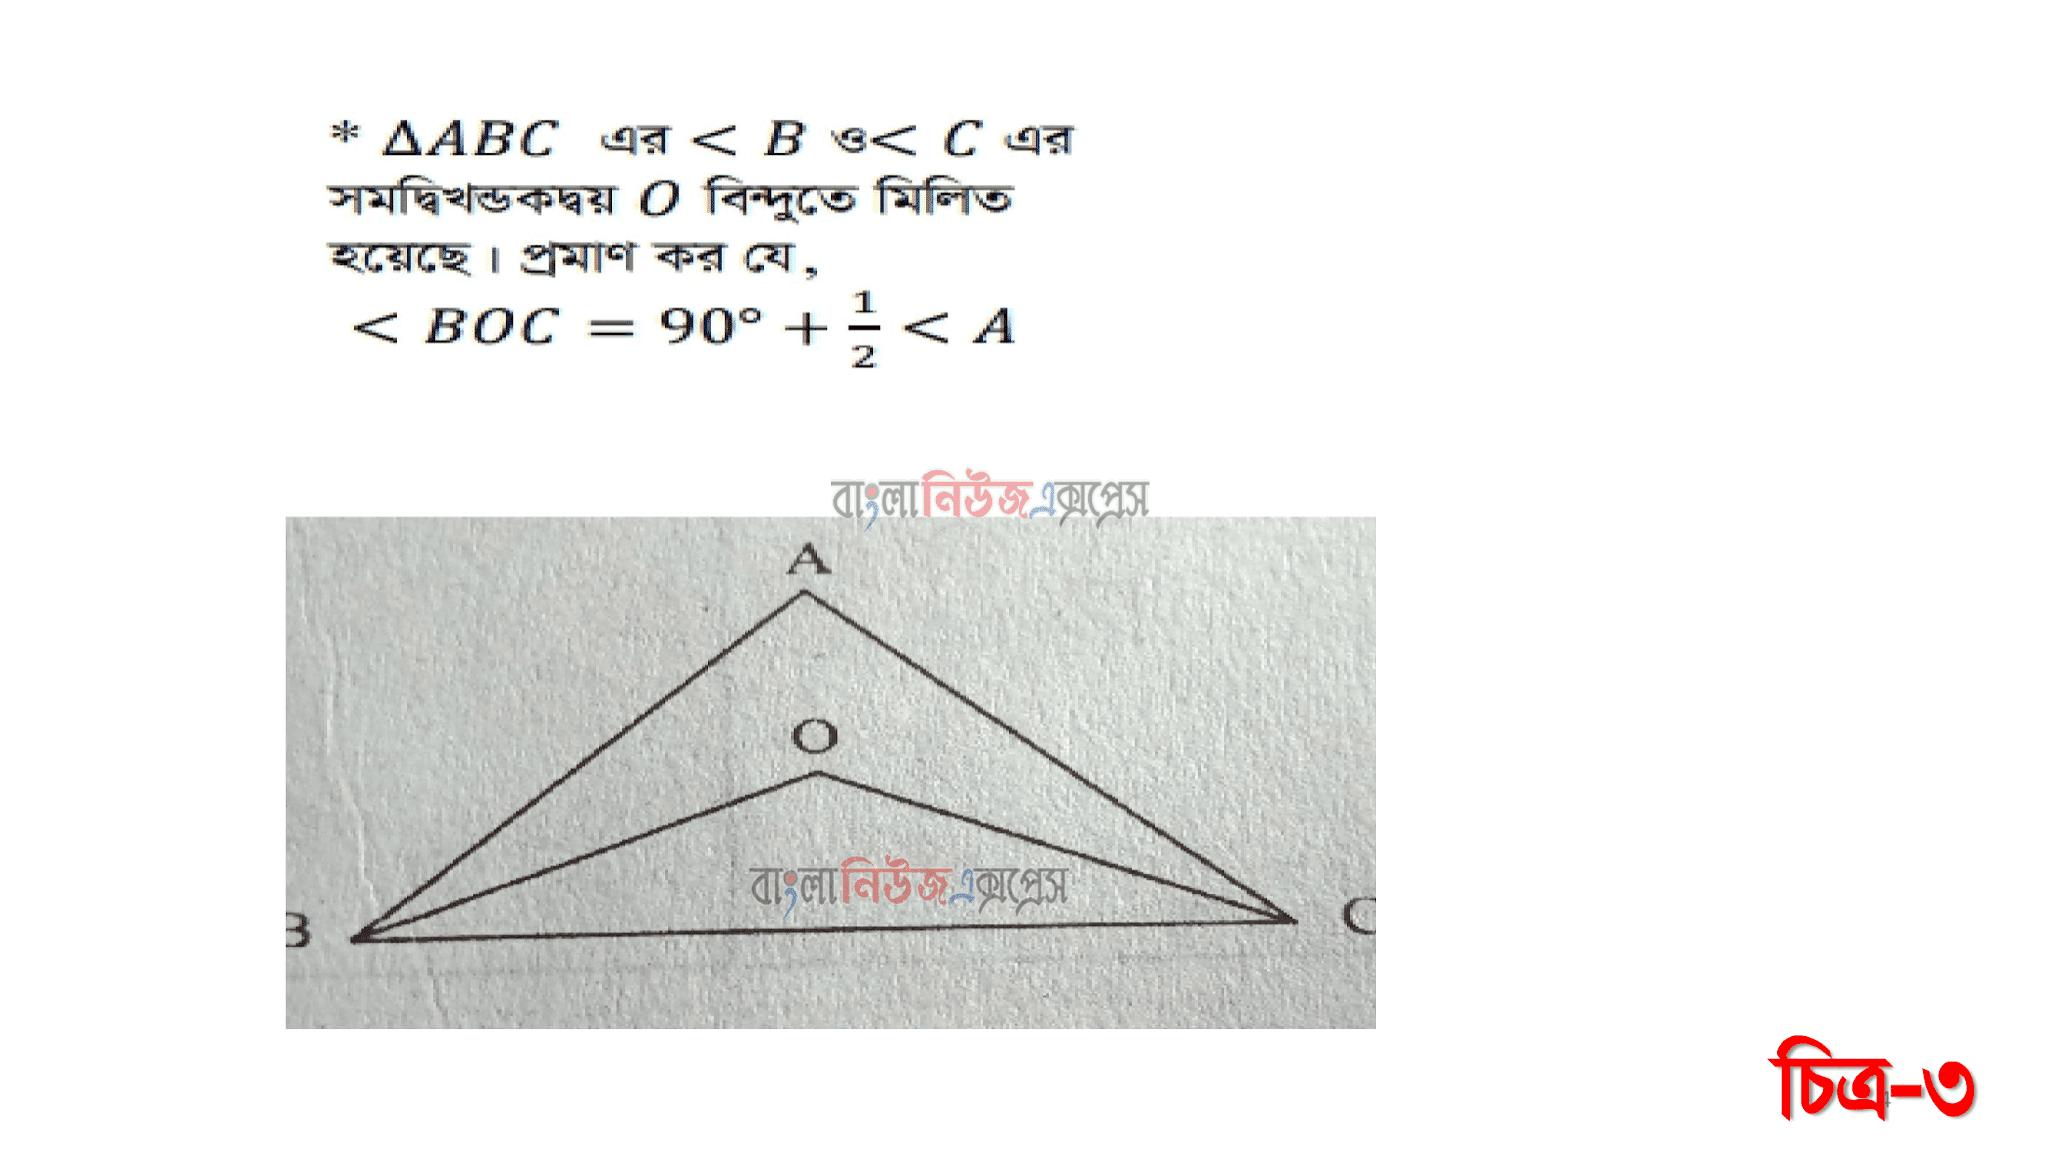 ত্রিভুজের সর্বসমতার চারটি শর্ত বিবৃত কর, ABC এর BC বাহুটি বৃহত্তর ধরে, BA বাহুকে D পর্যন্ত এমনভাবে বর্ধিত করা হল যেন AC = AD হয়।  C, D যােগ করা হল তবে প্রমাণ করযে AB + AC > BC এসএসসি ভোকেশনাল ৯ম শ্রেণির গনিত (১) অ্যাসাইনমেন্ট ৭ম সপ্তাহের সমাধান/উত্তর ২০২১ https://www.banglanewsexpress.com/